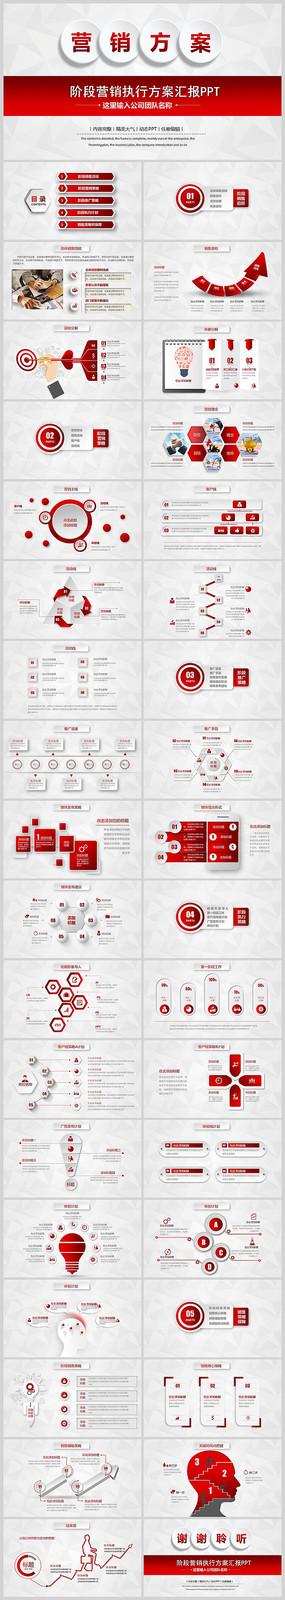 营销方案销售策划PPT模板